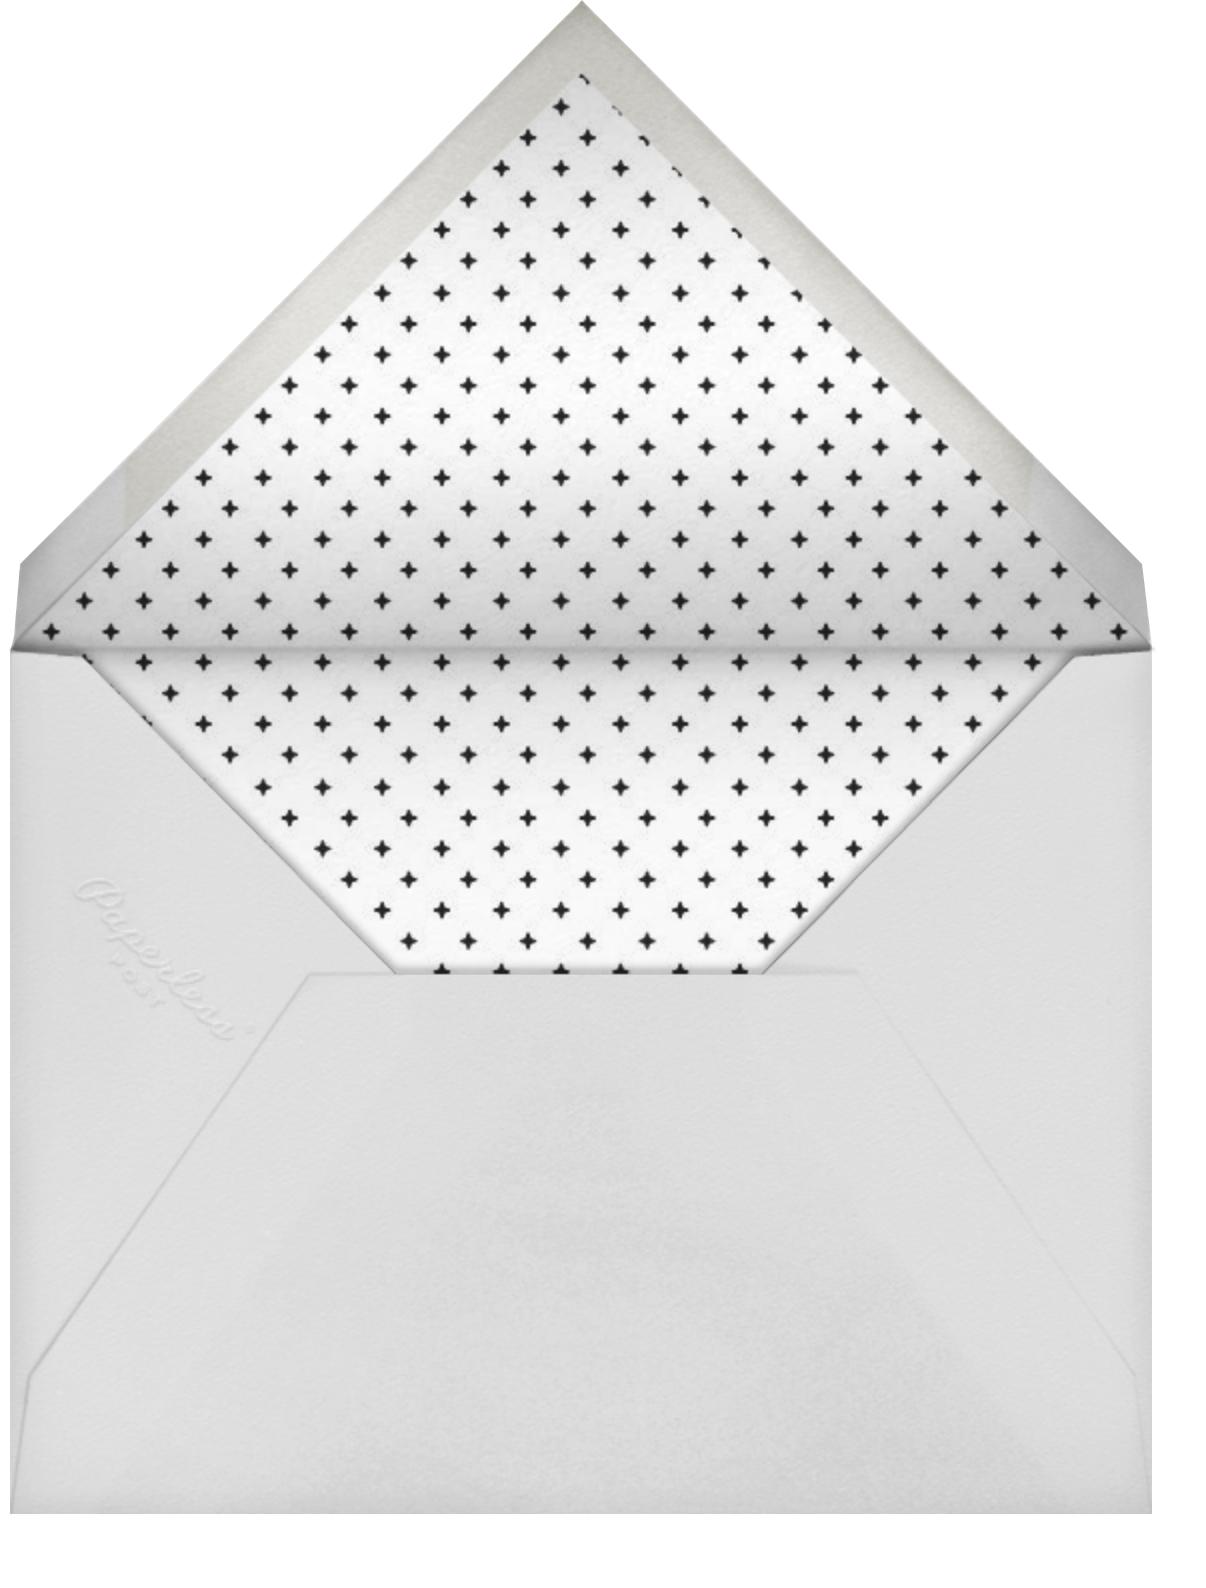 Football Helmets - Paperless Post - Winter entertaining - envelope back